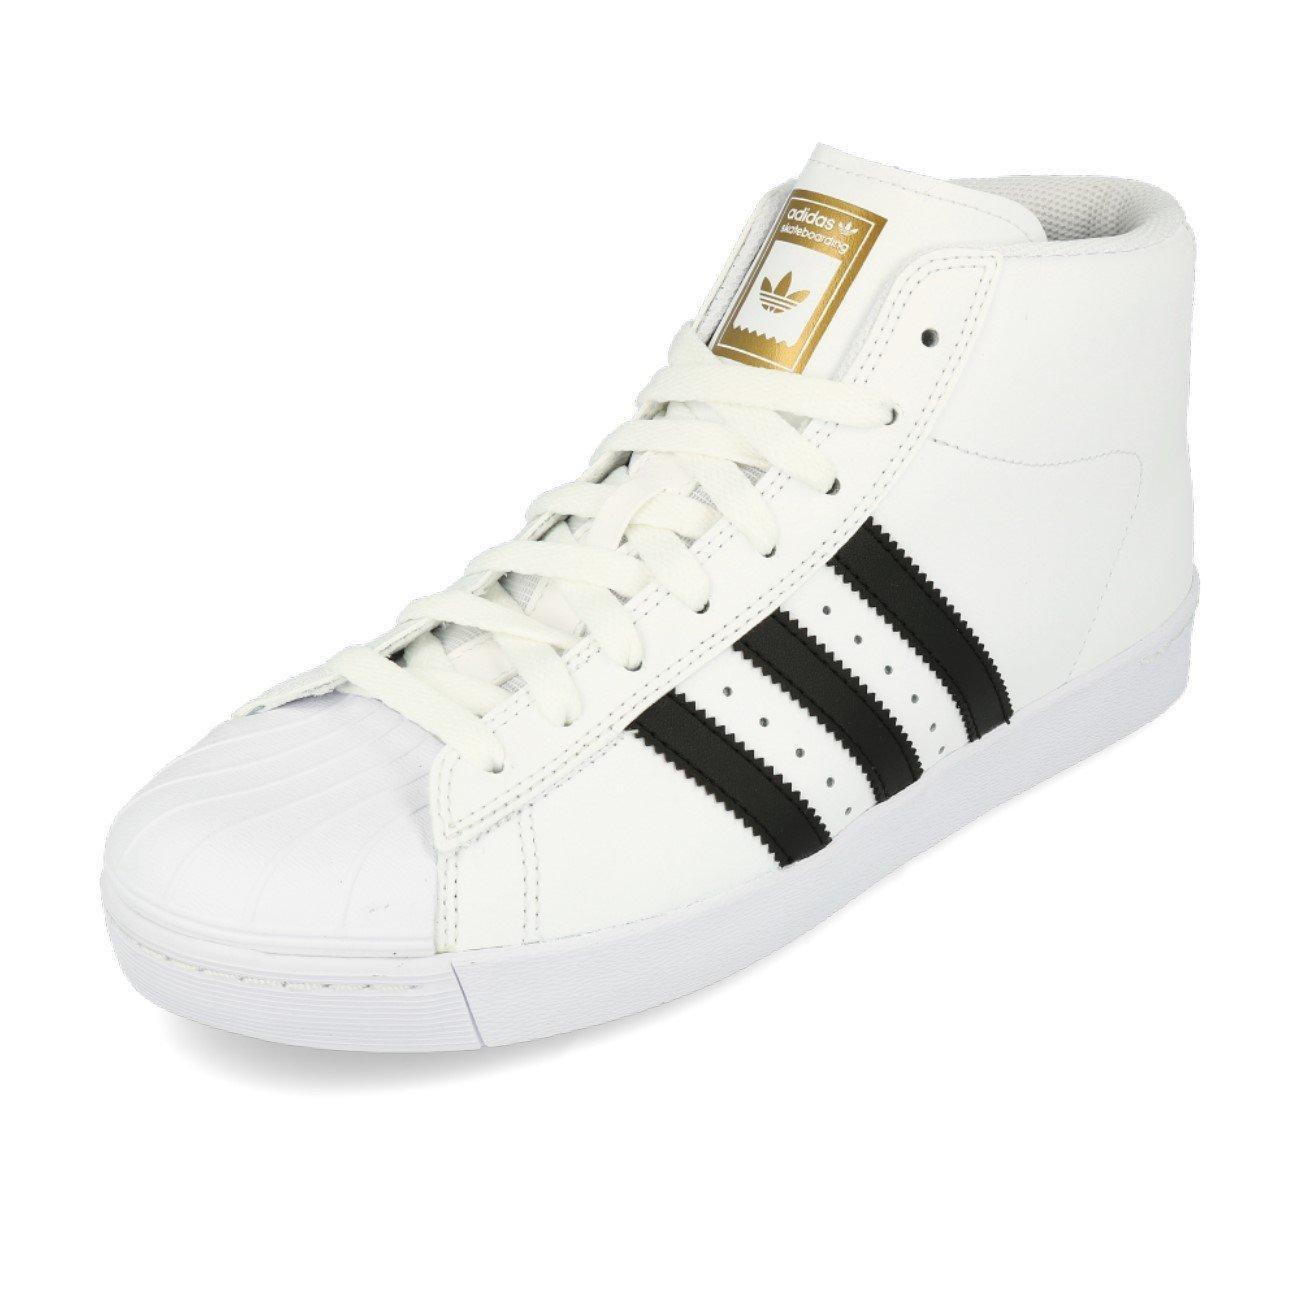 | adidas Originals Mens Pro Model Vulc ADV Hi Top